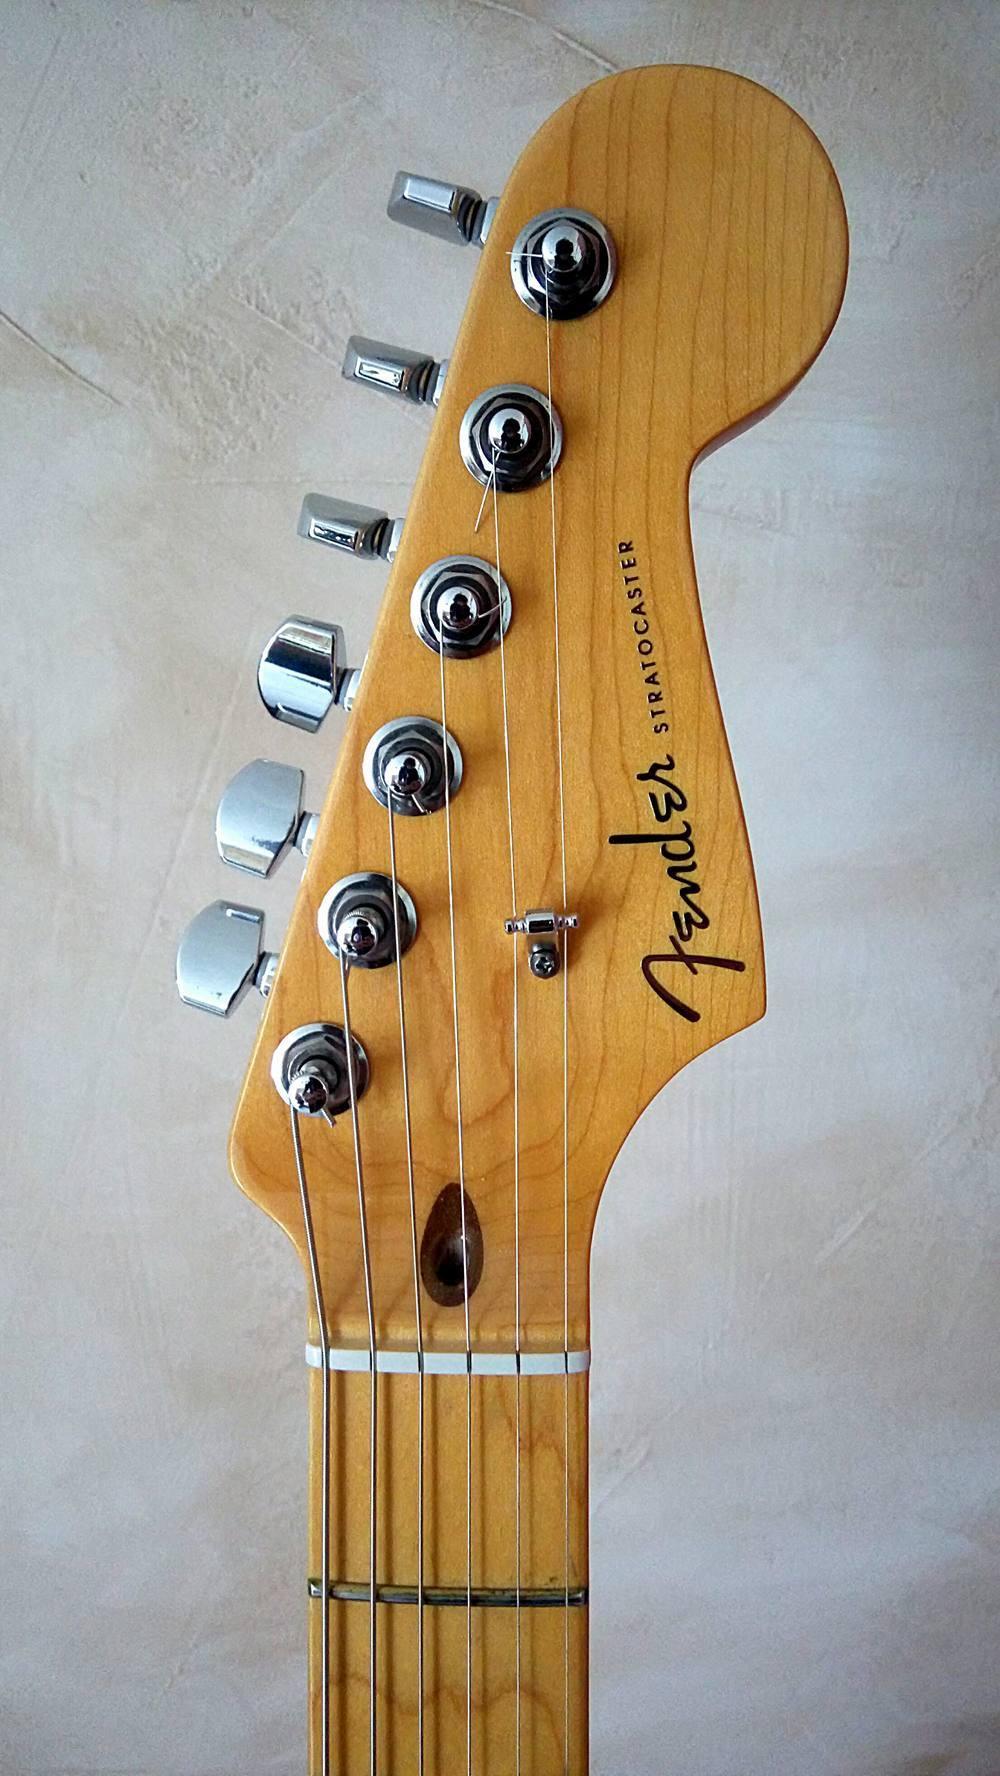 American Deluxe Stratocaster V Neck 2010 2015 Fender